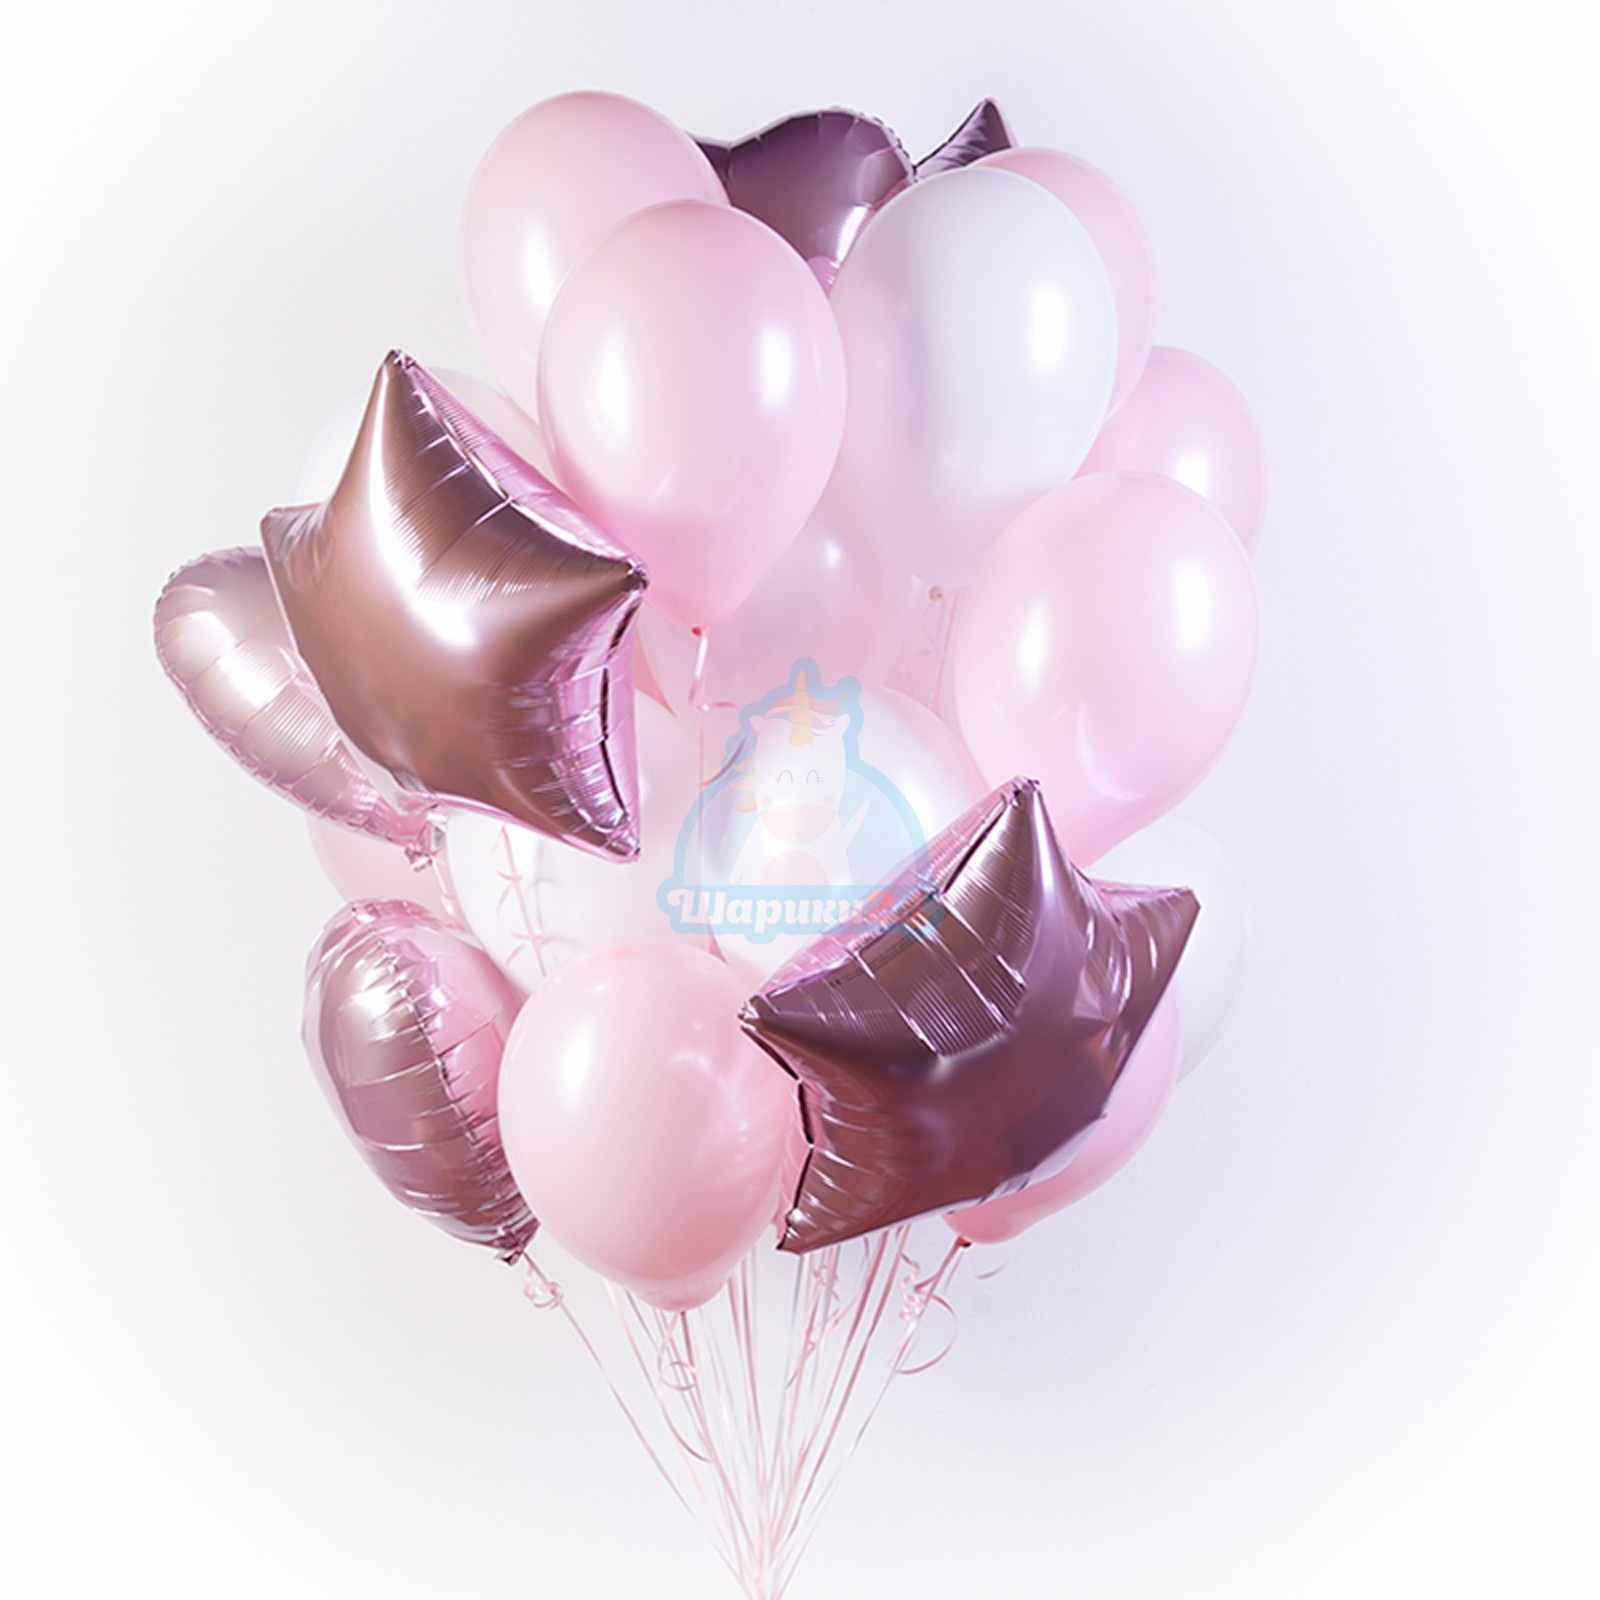 Букет белых и розовых шаров с сердечками и звездами фото в интернет-магазине Шарики 24